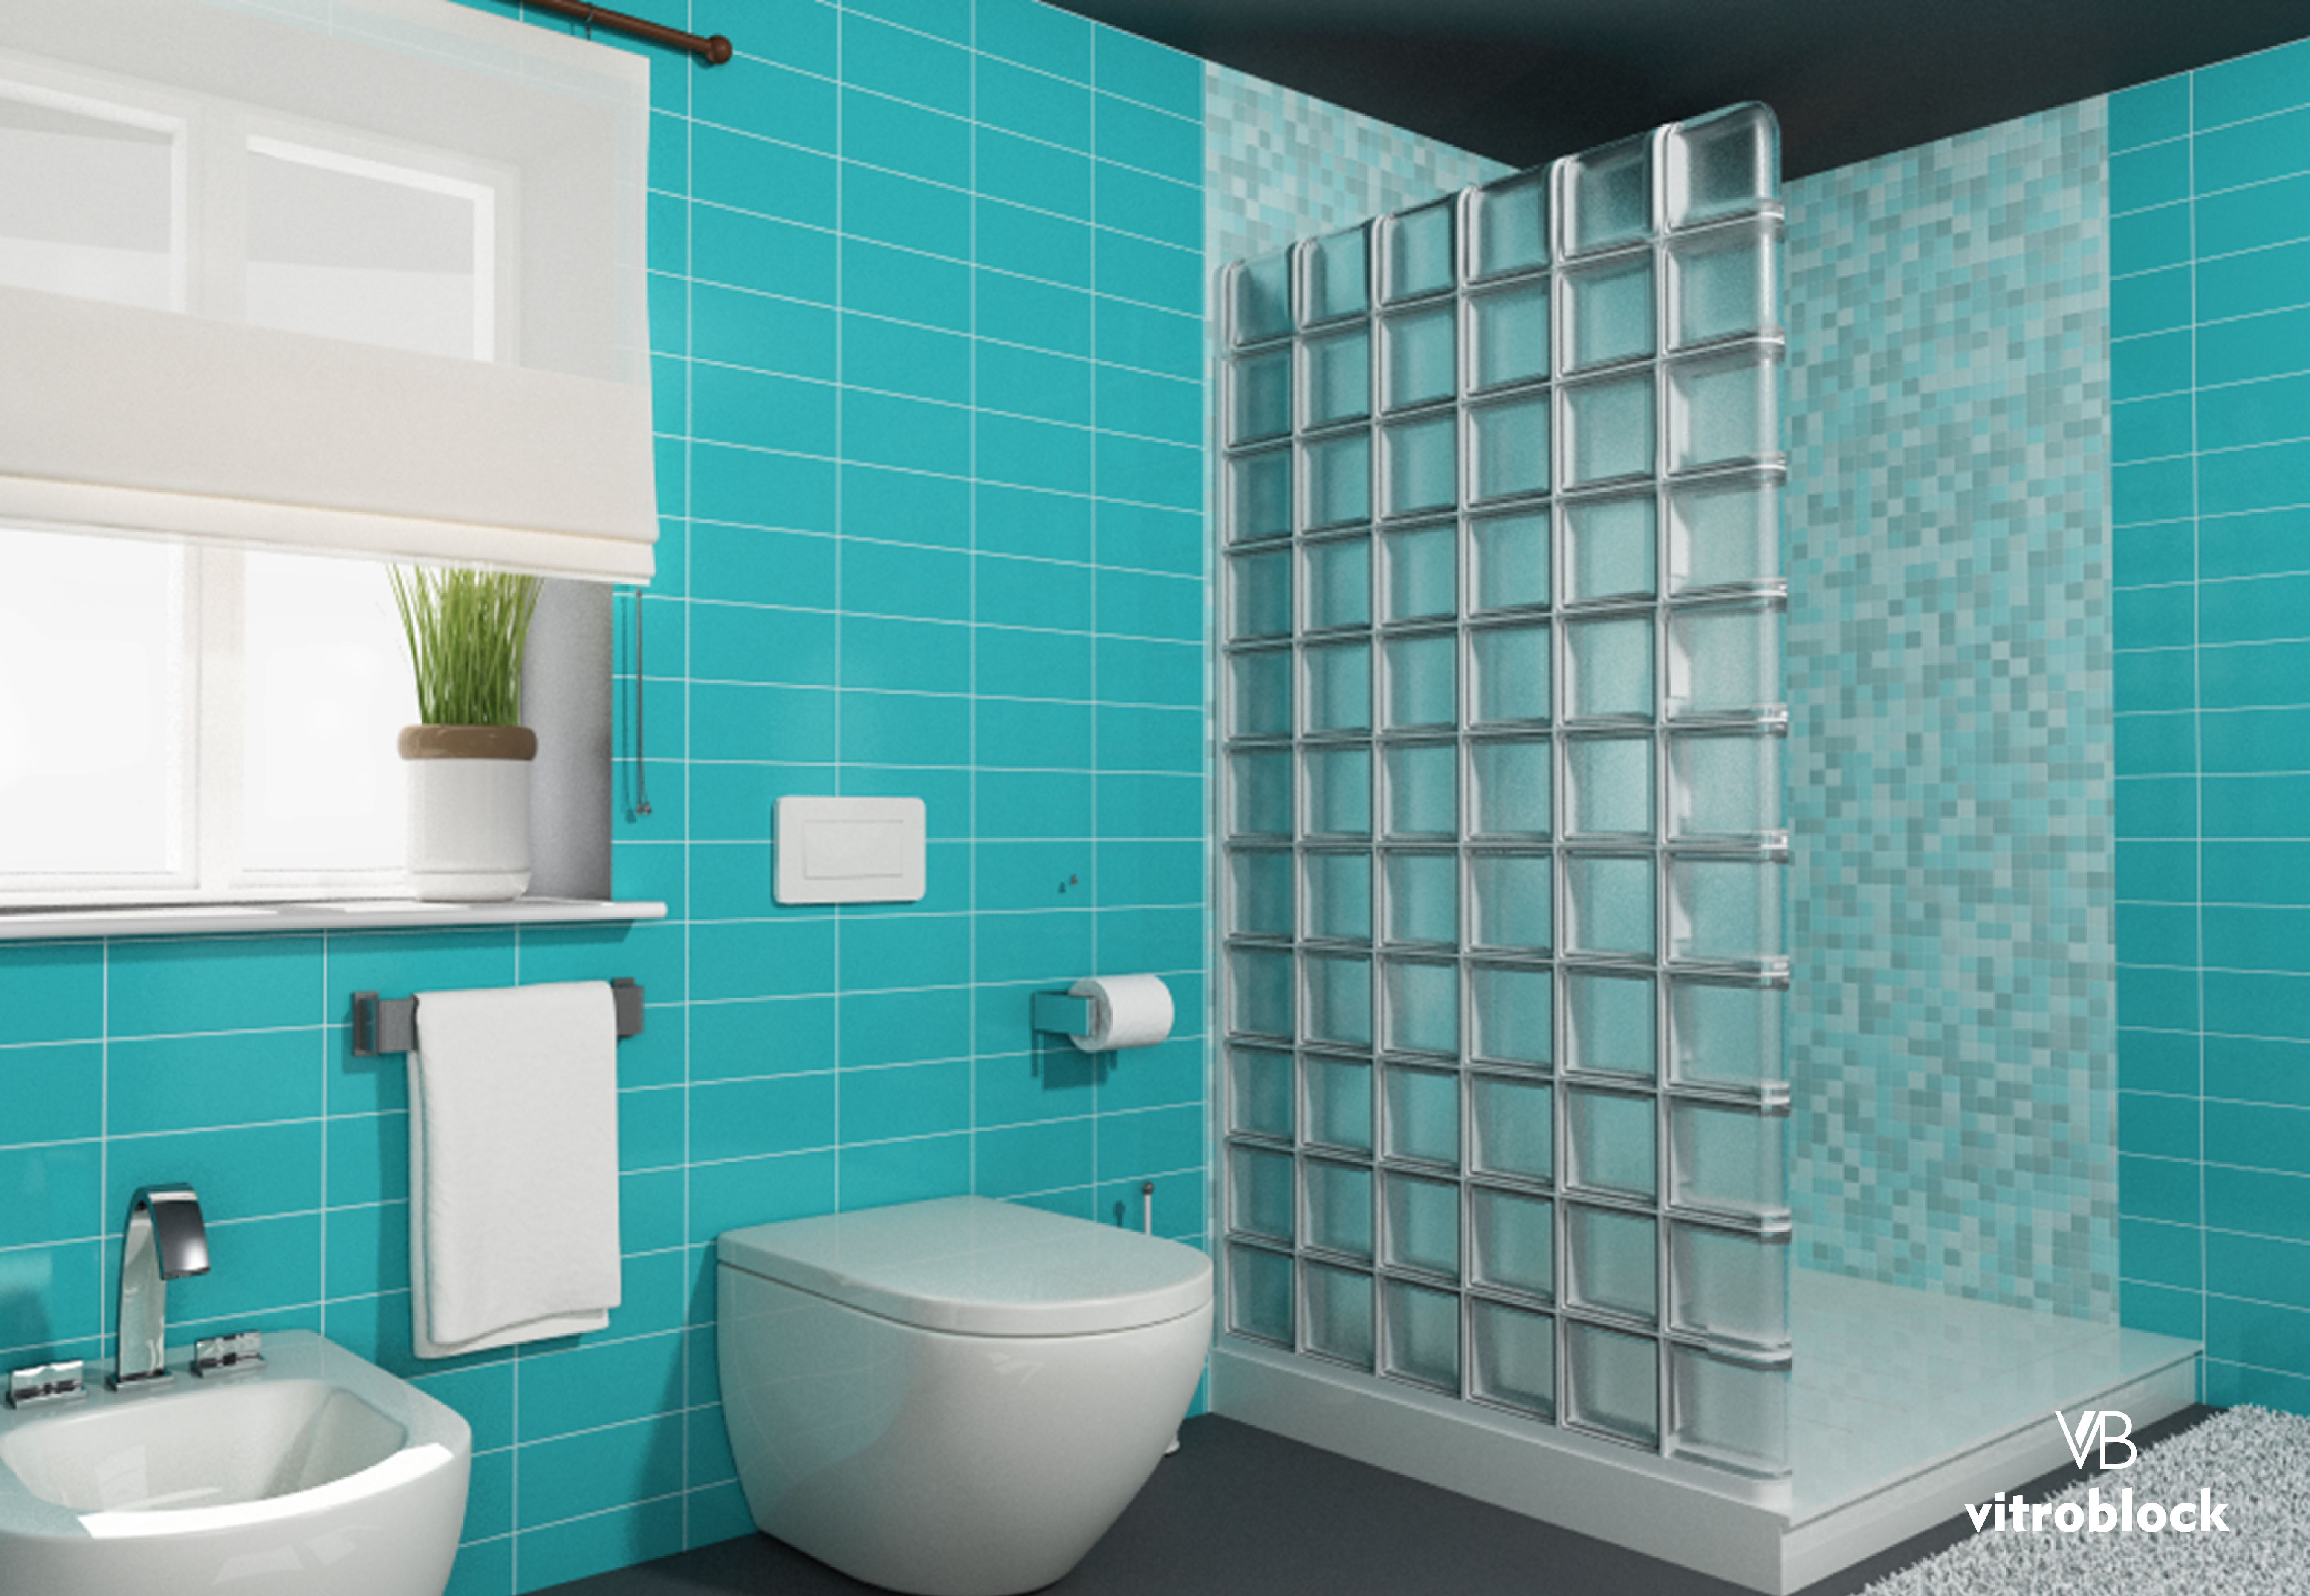 Pared divisoria de ducha realizada con ladrillo de vidrio - Modelos de banos y duchas ...